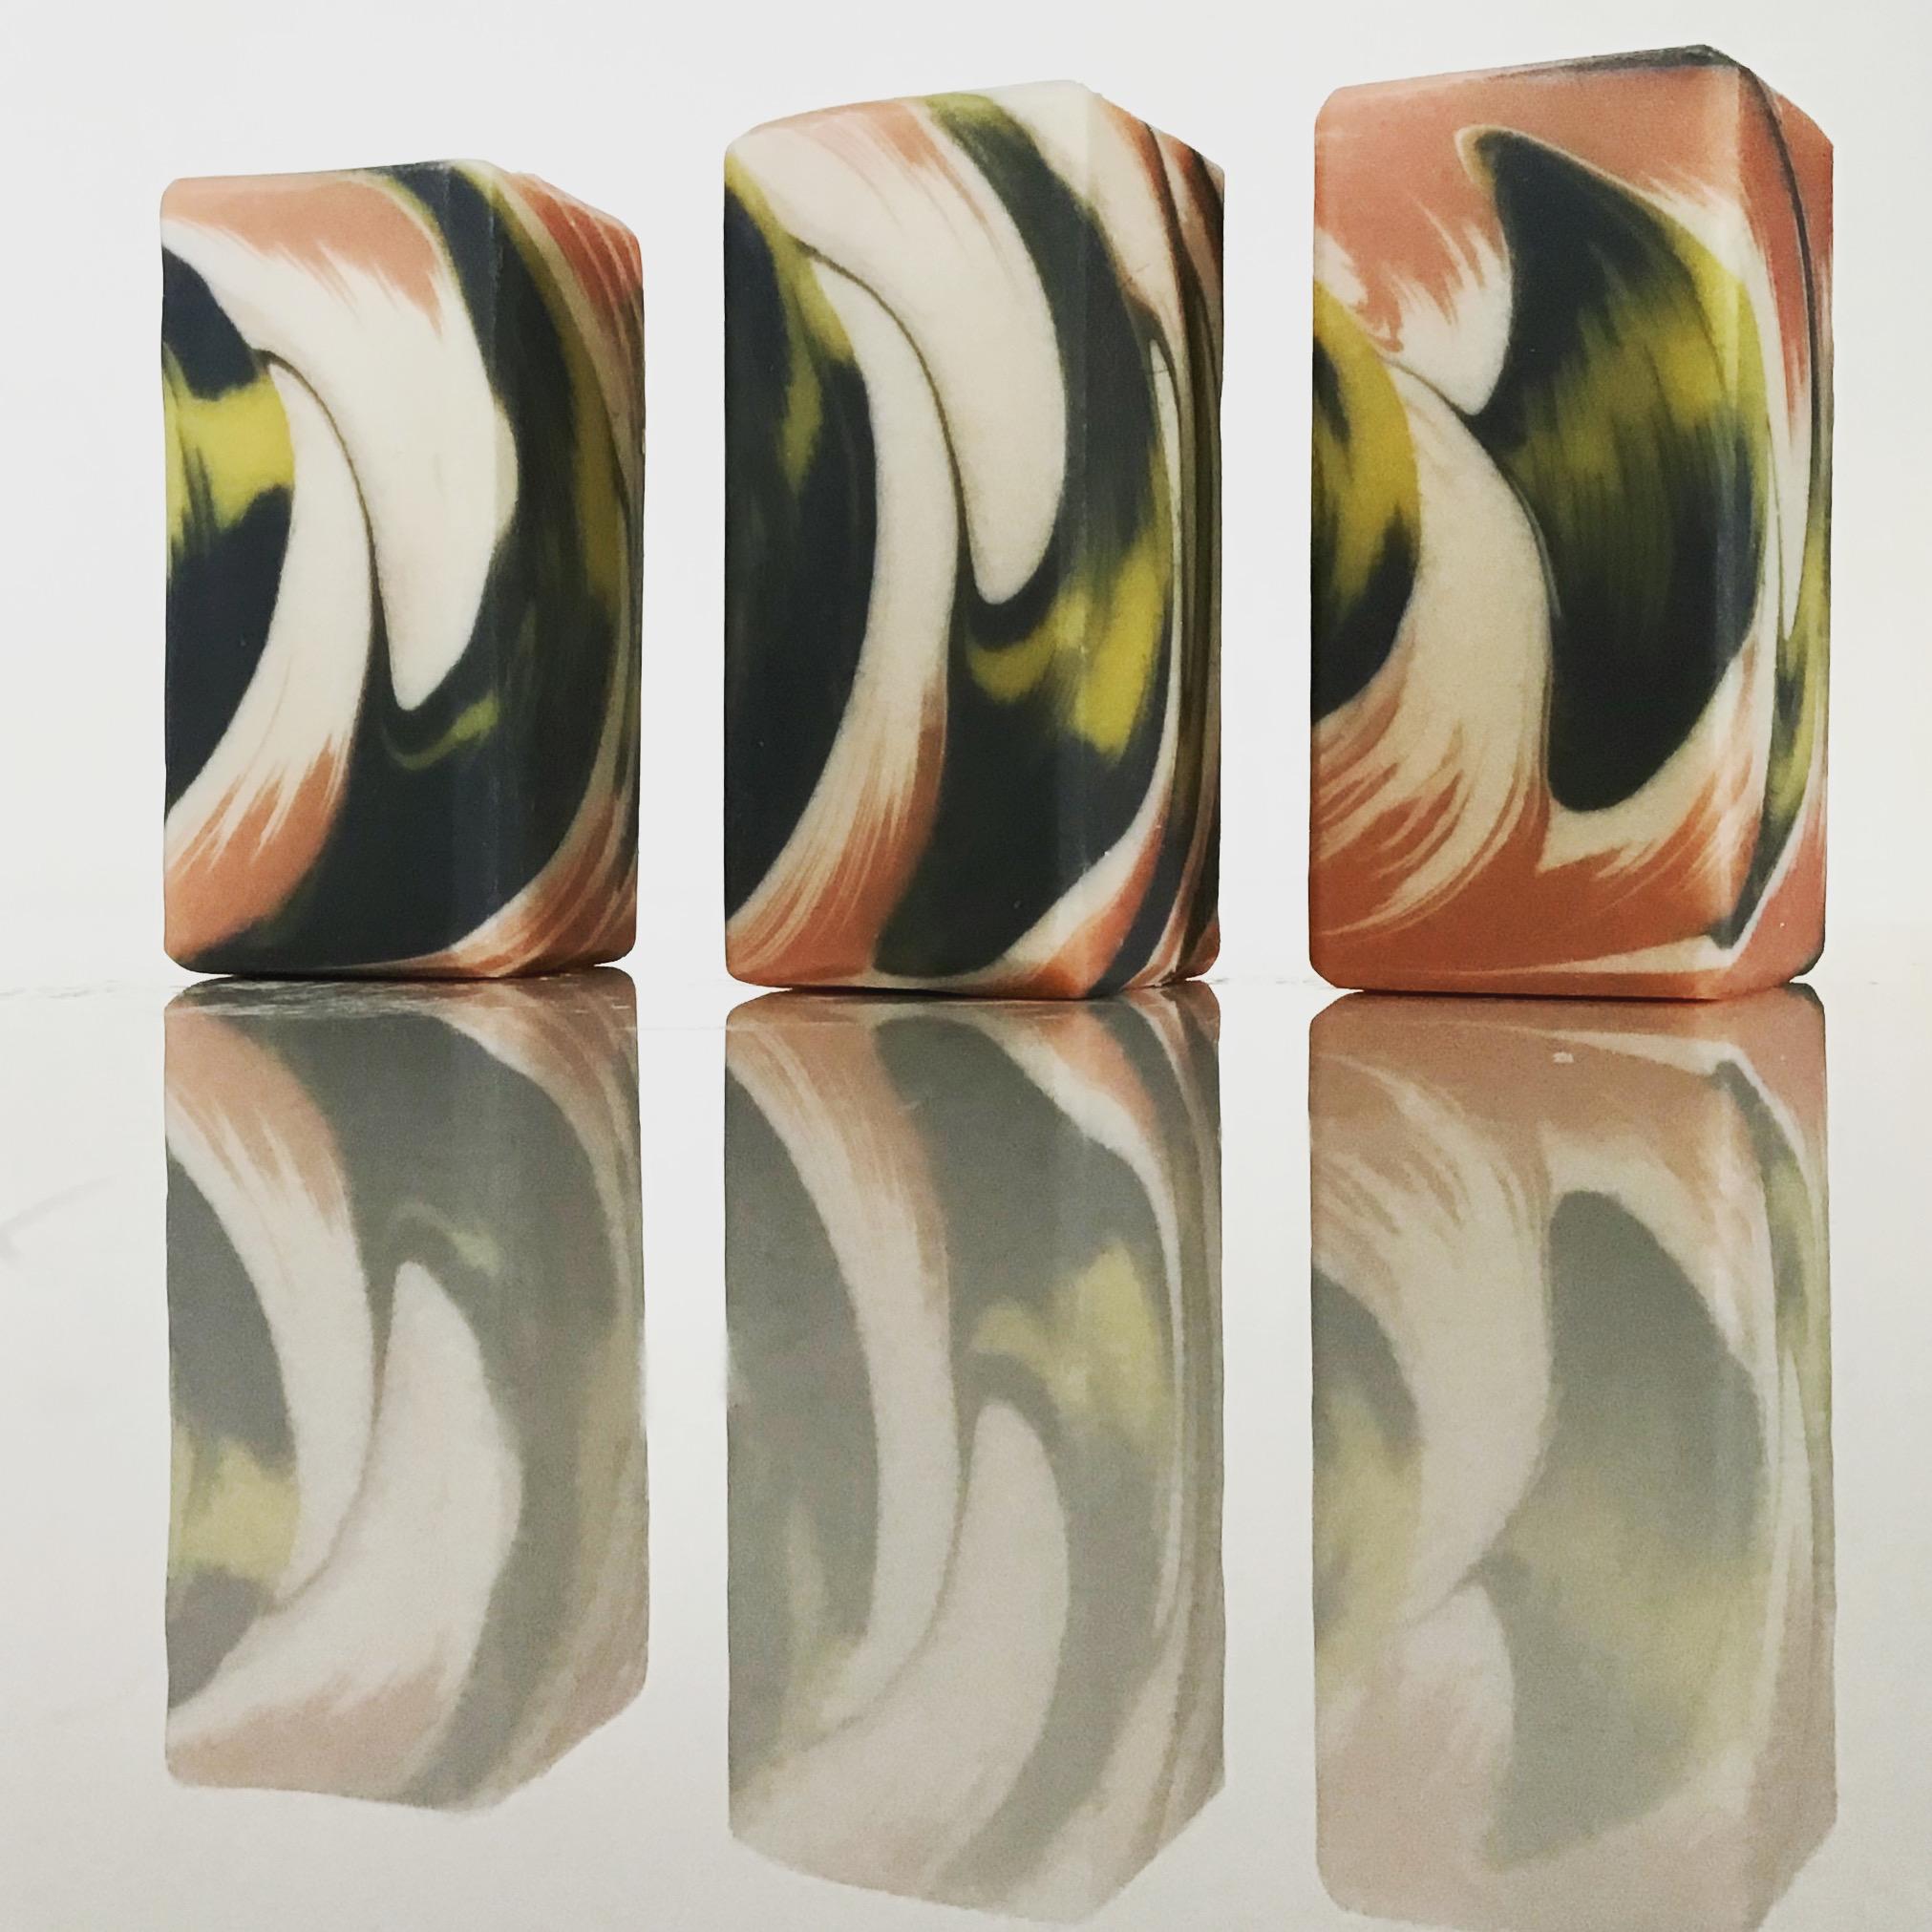 floating shells